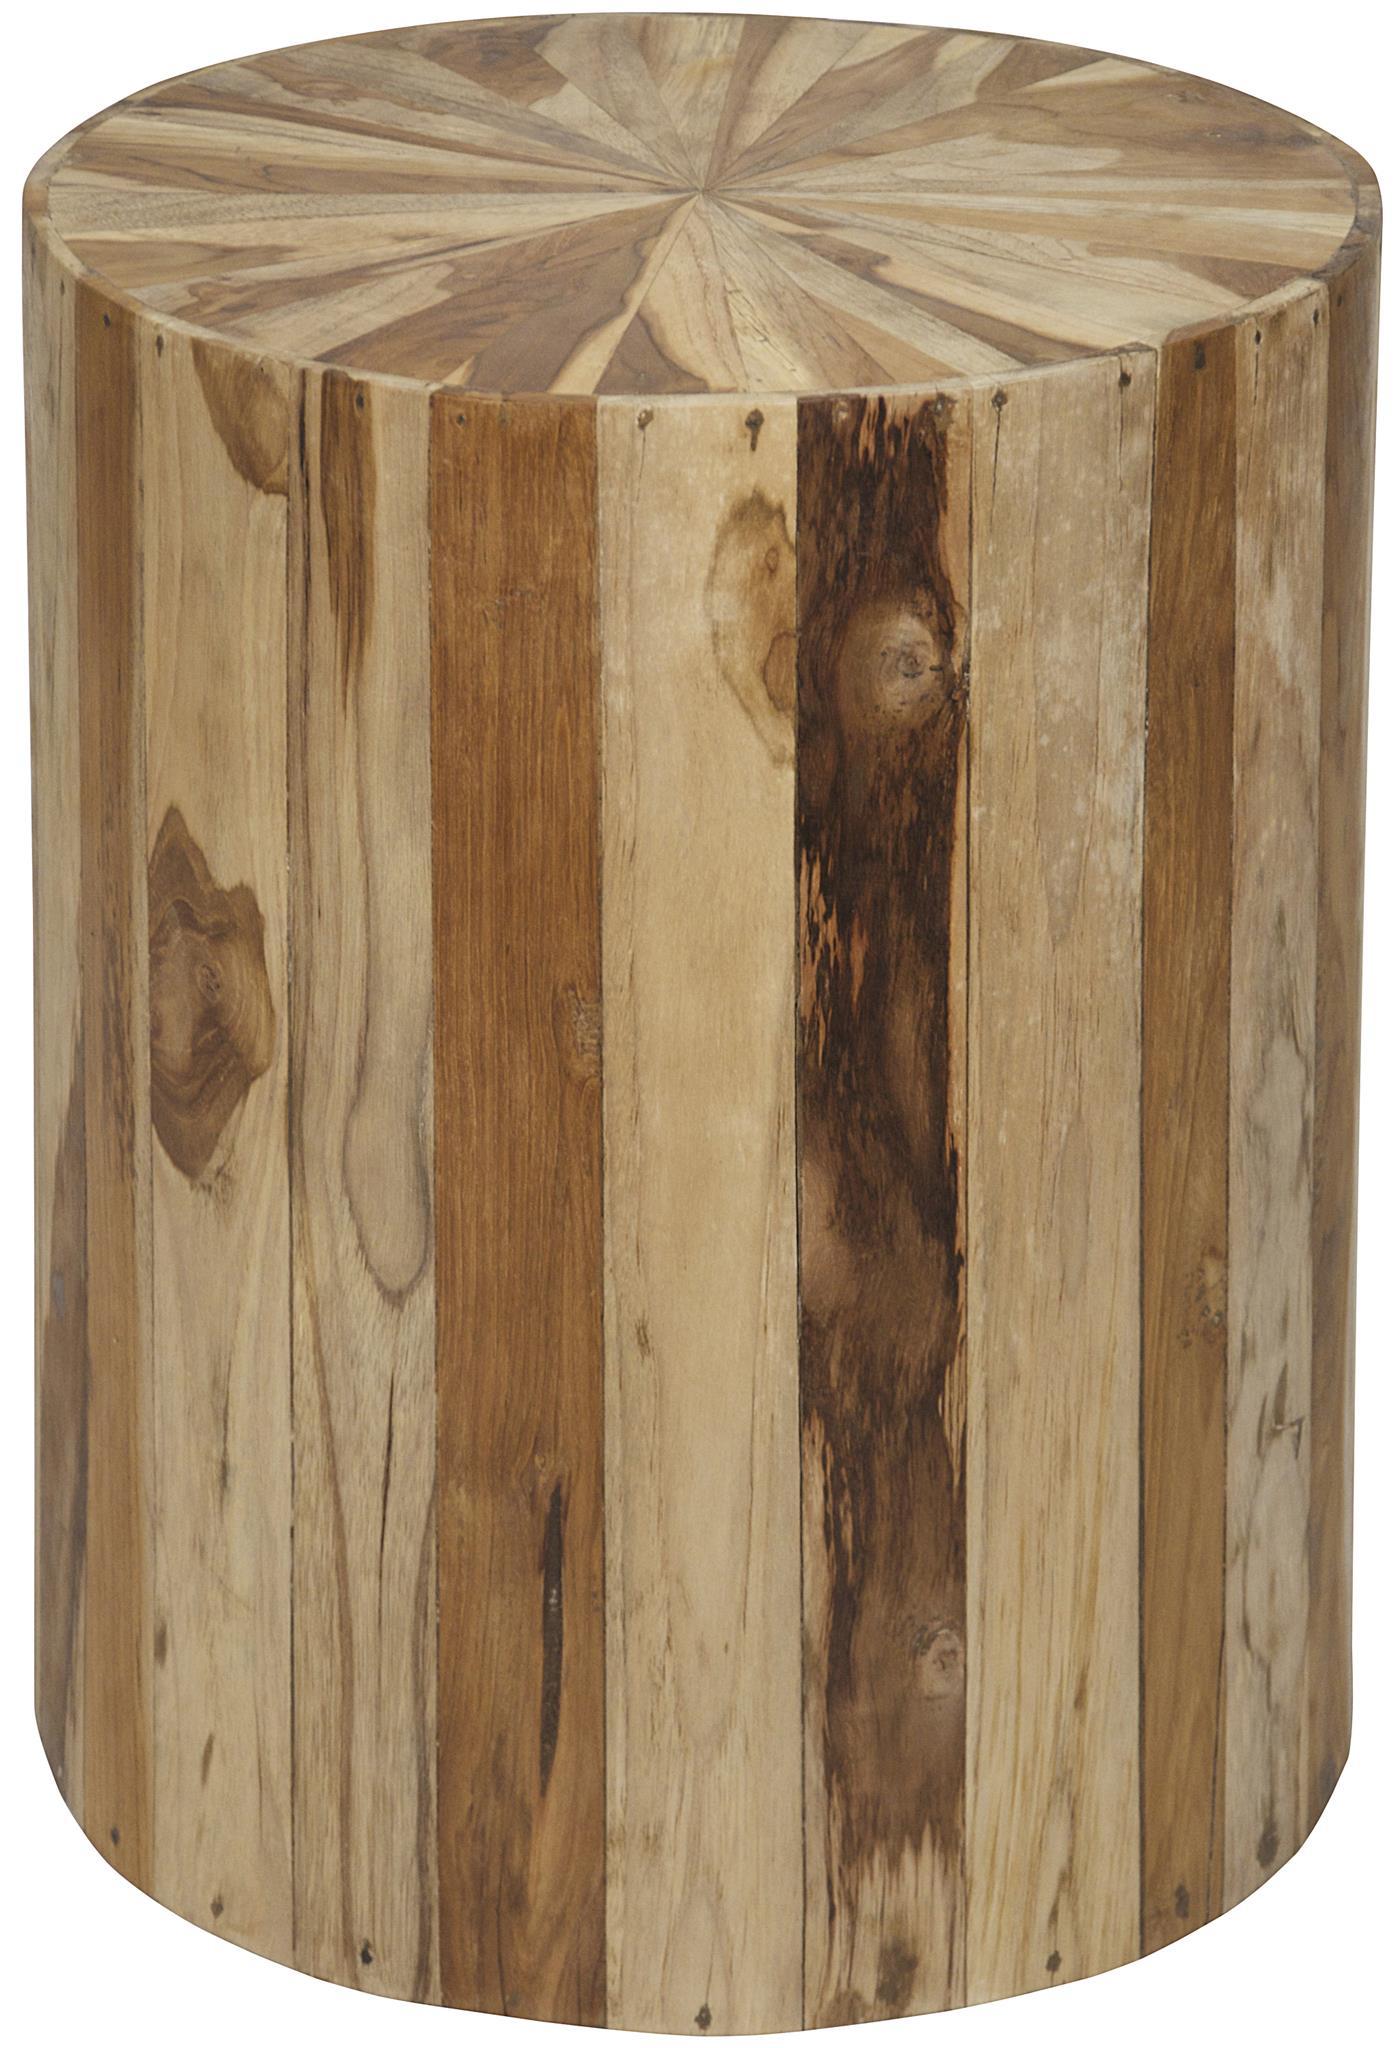 Round Teak Wood Side Table